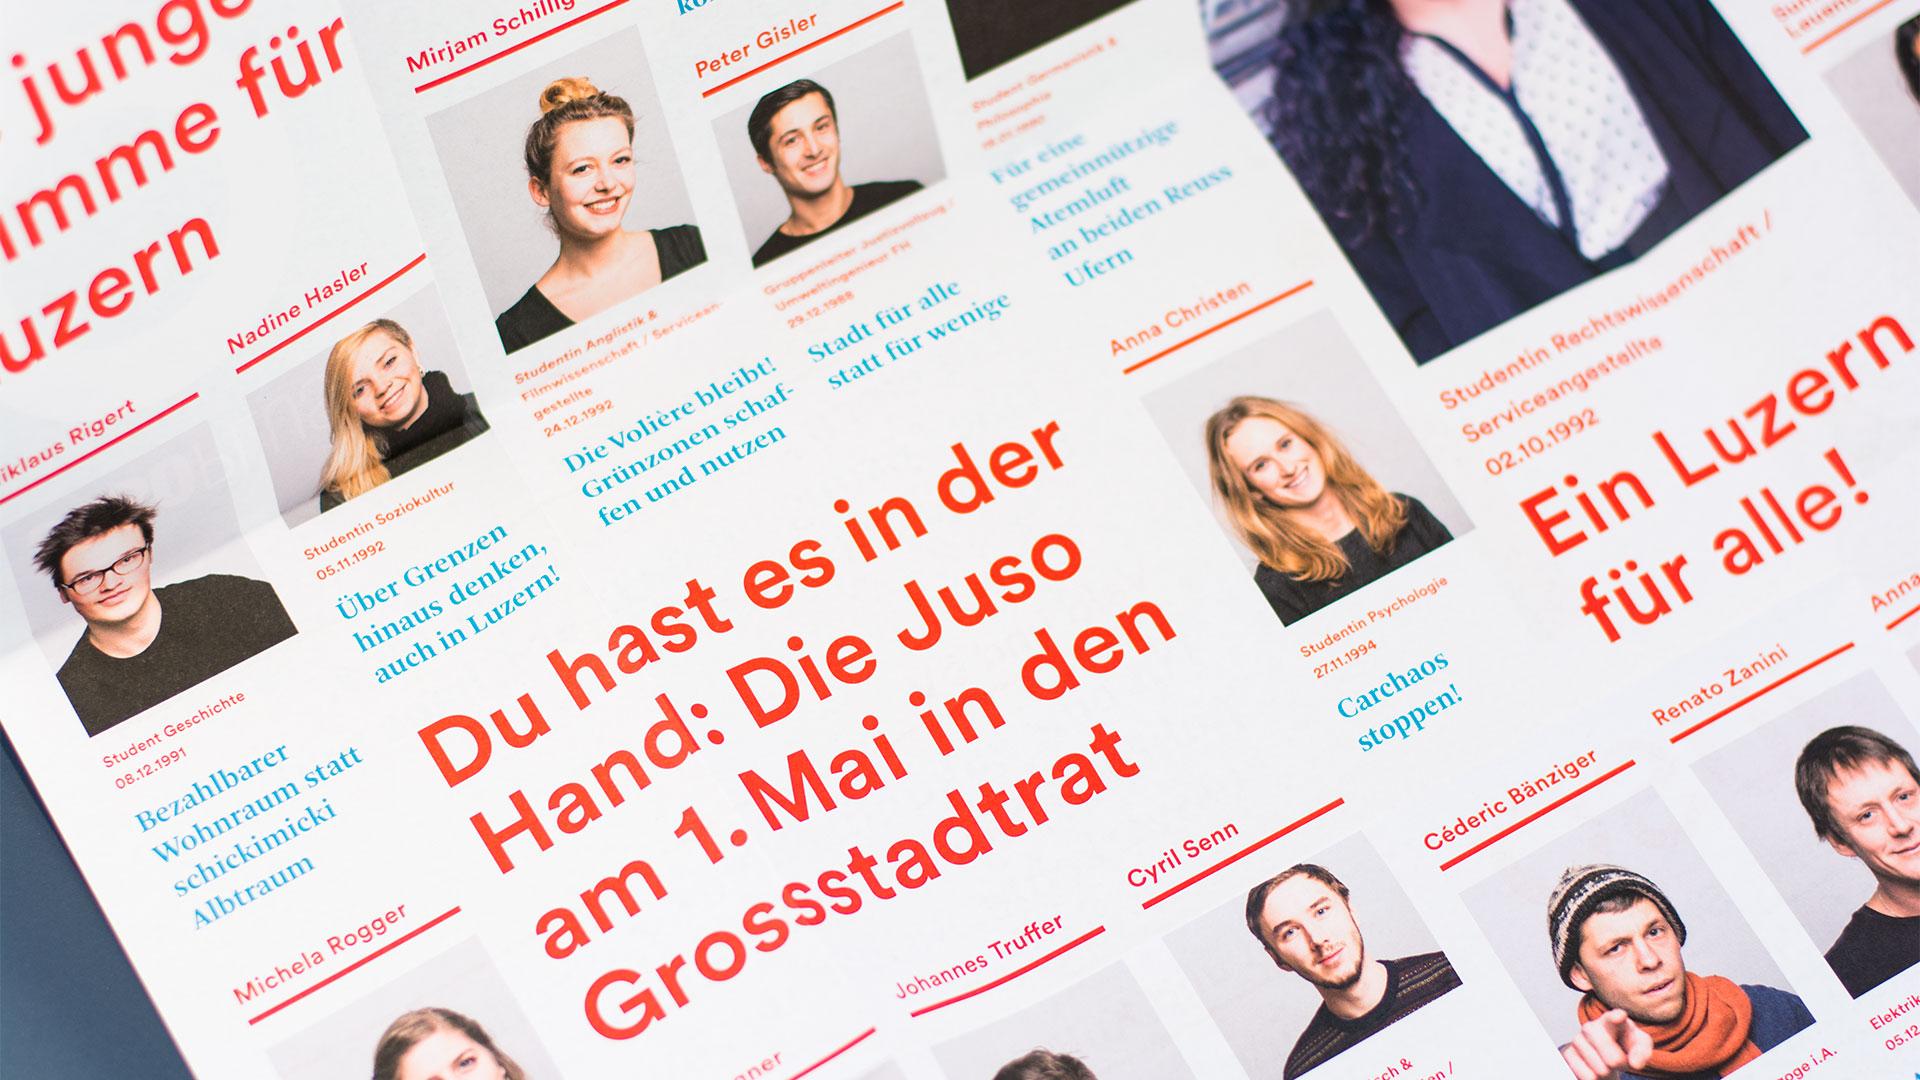 equipe-visuelle-emmenbruecke-luzern-grafik-design-atelier-agentur-juso-wahl-kampange-werbung